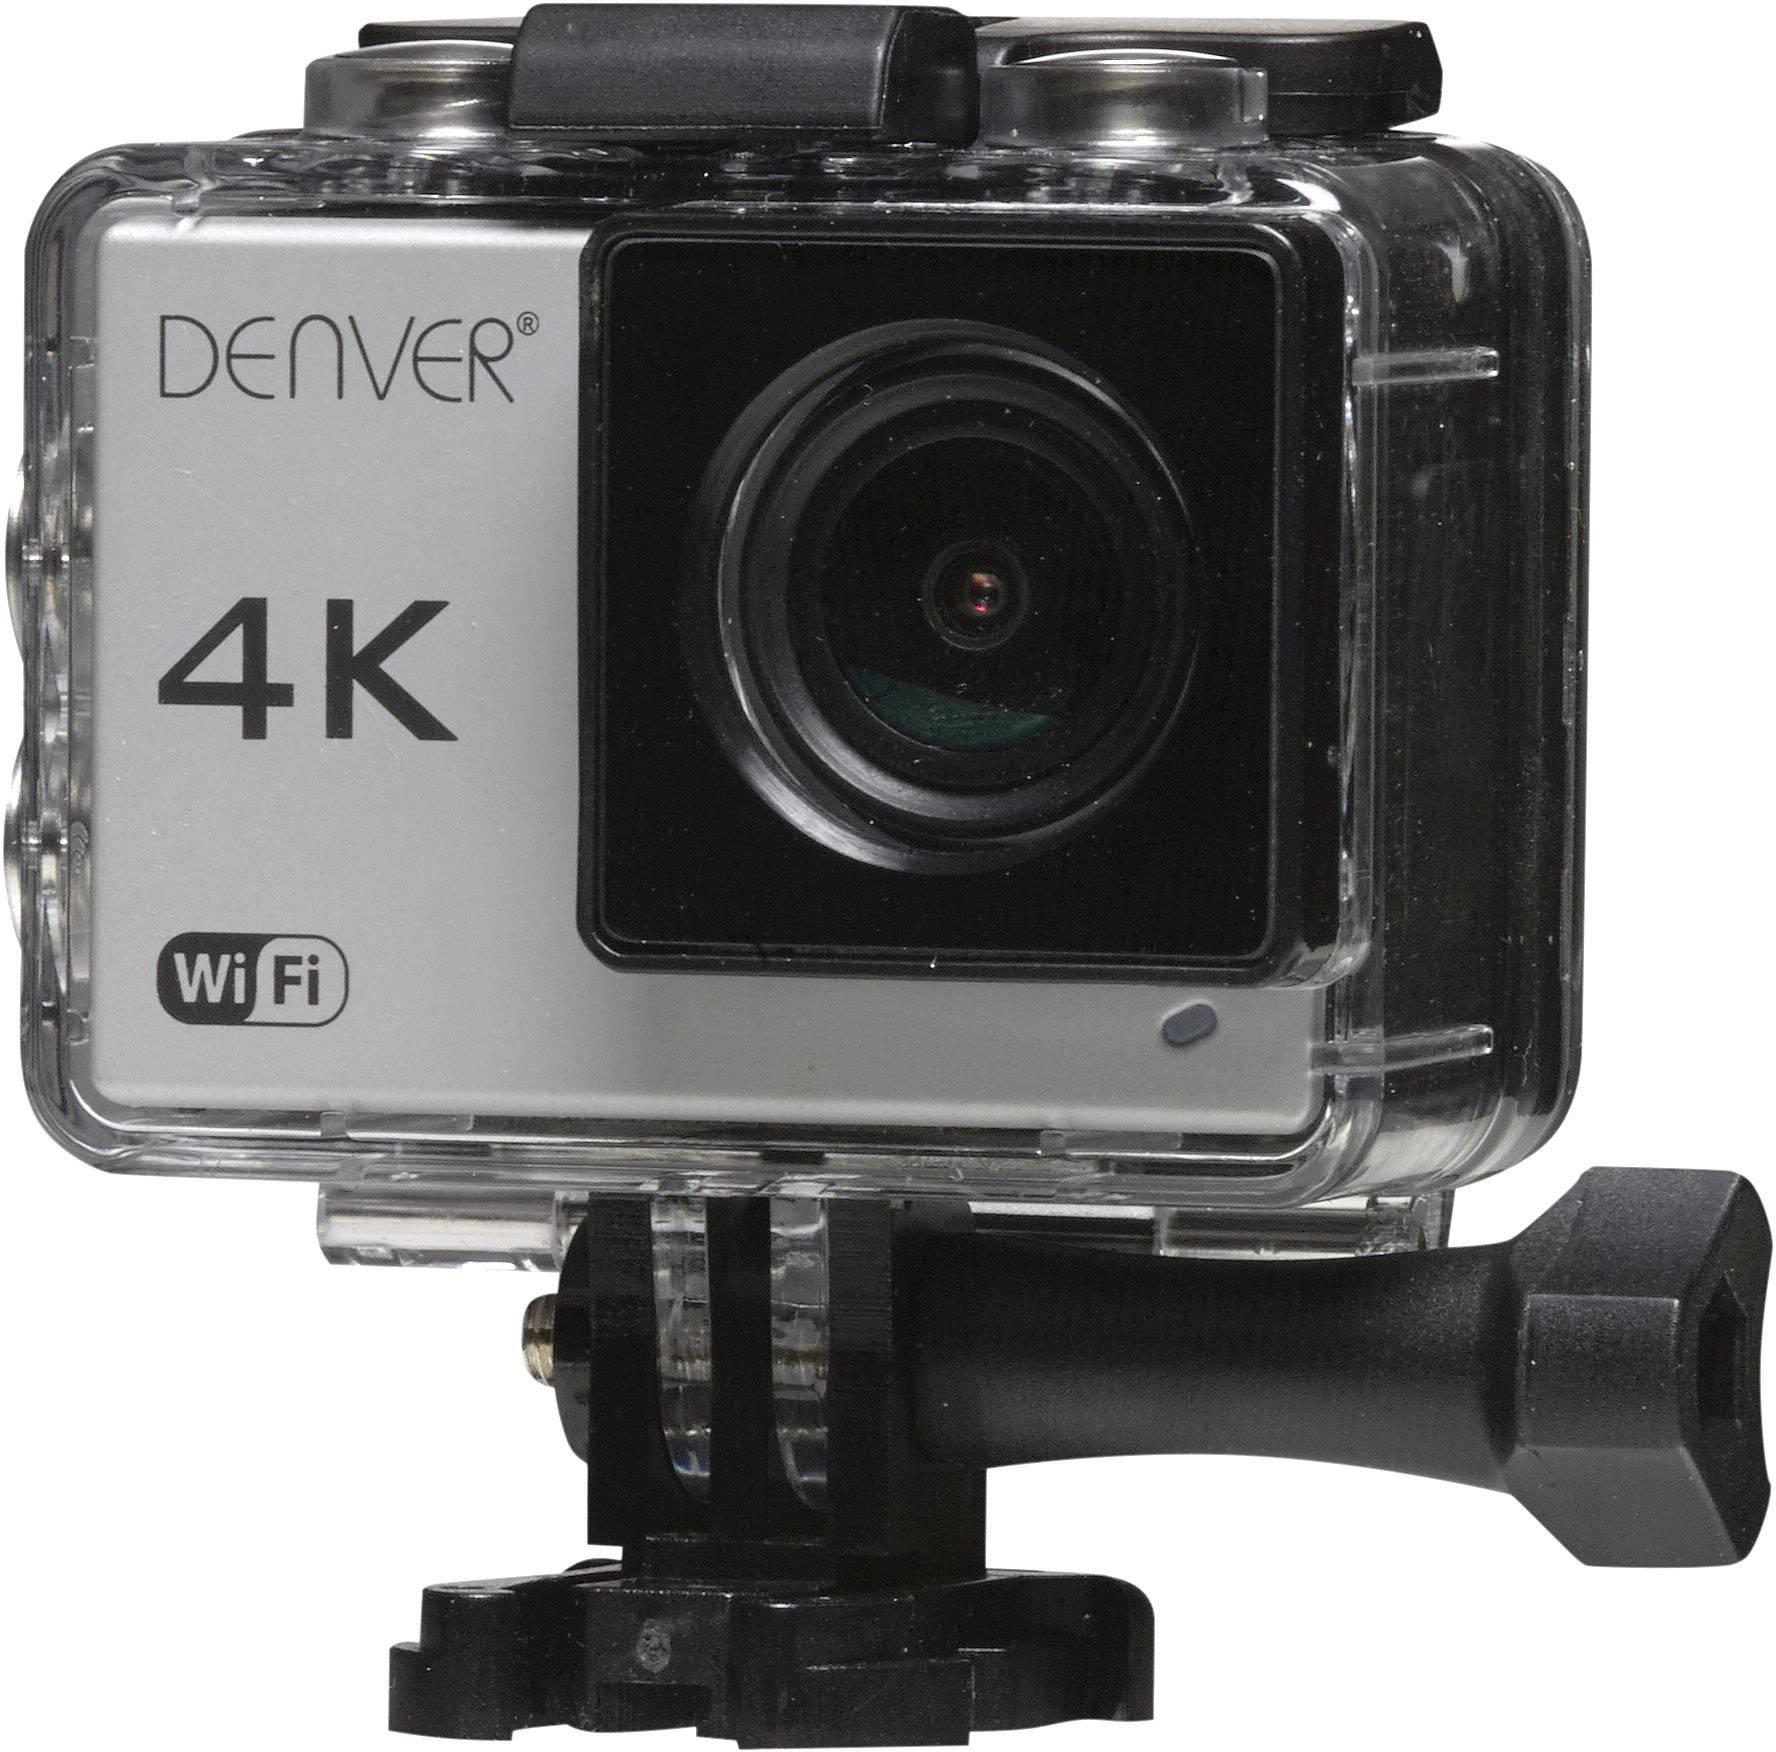 Športová outdoorová kamera Denver ACK-8060W, 4K (Ultra HD), Wi-Fi, odolná proti vode